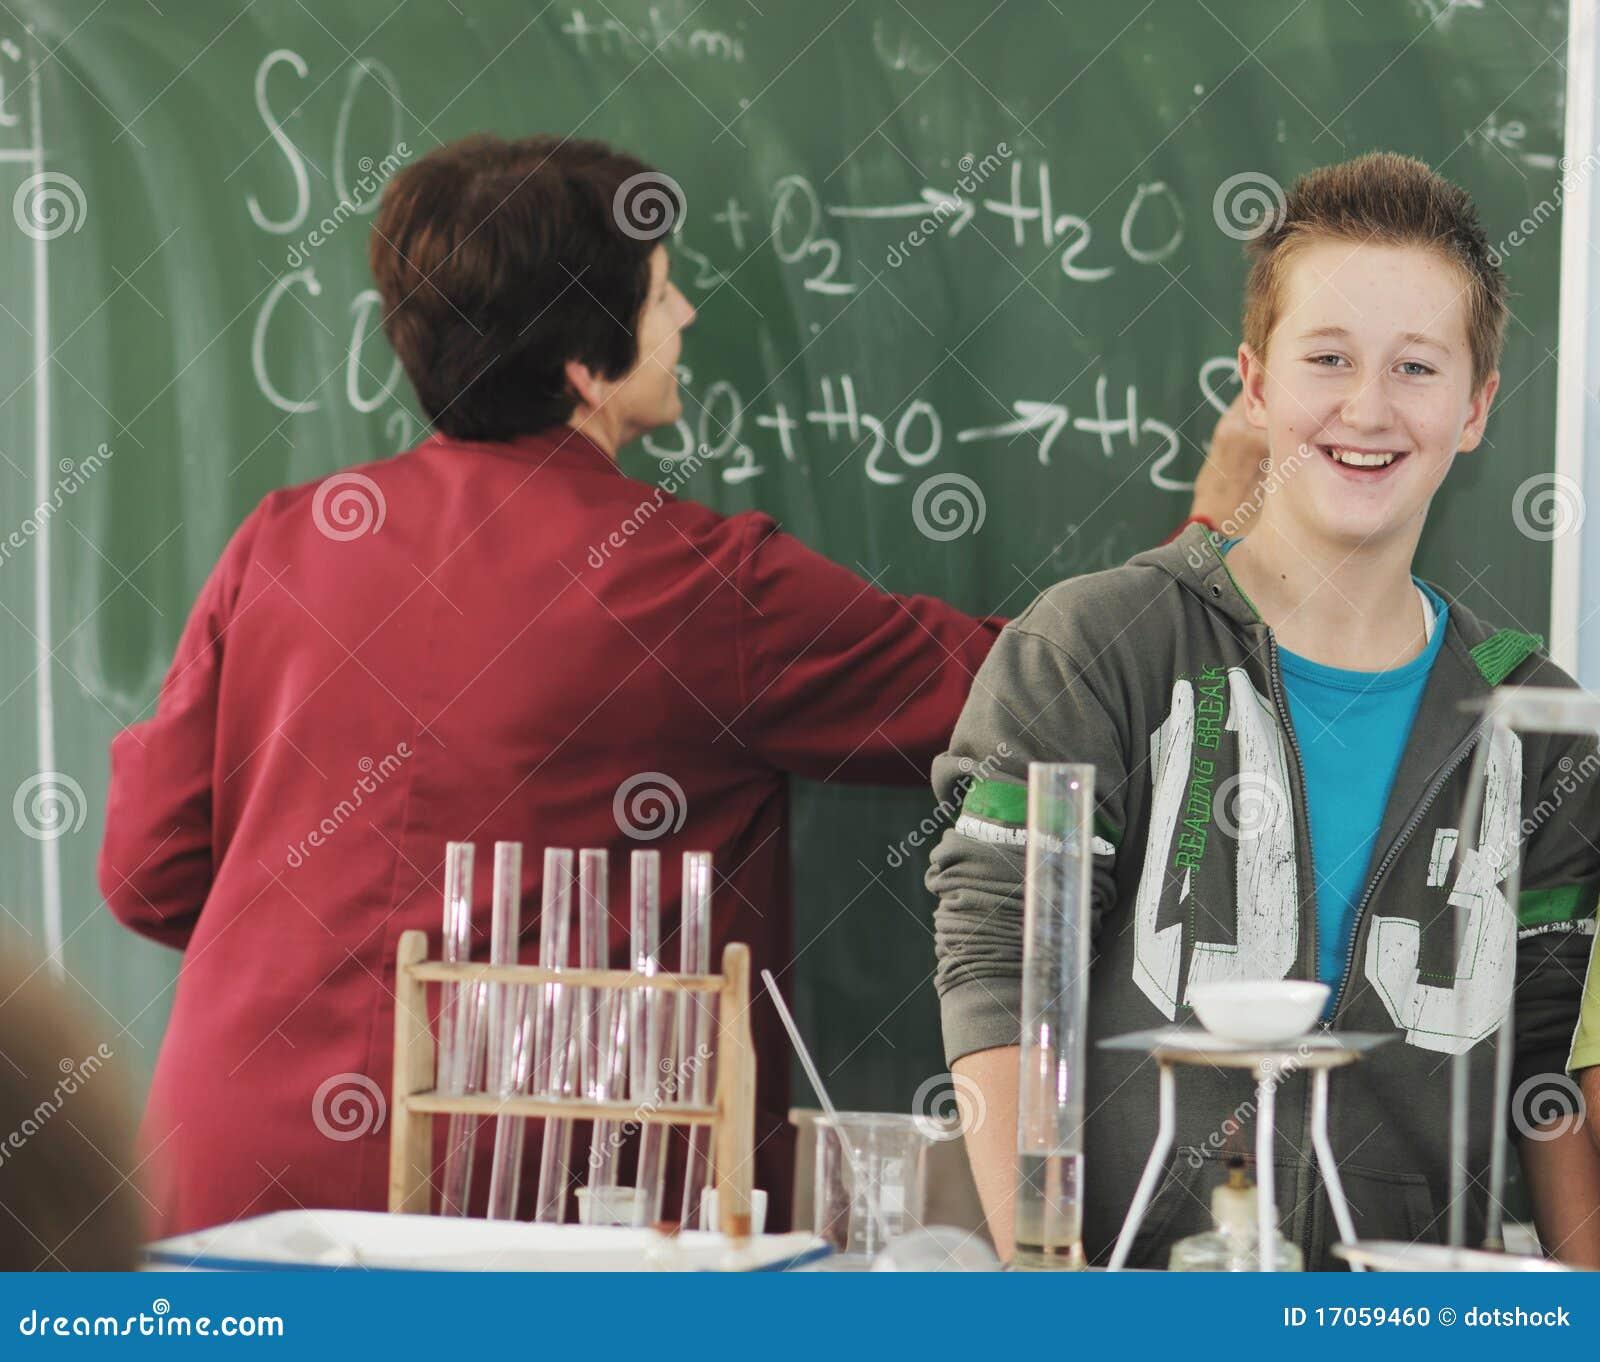 Classees επιστήμης και χημείας στο σχολείο